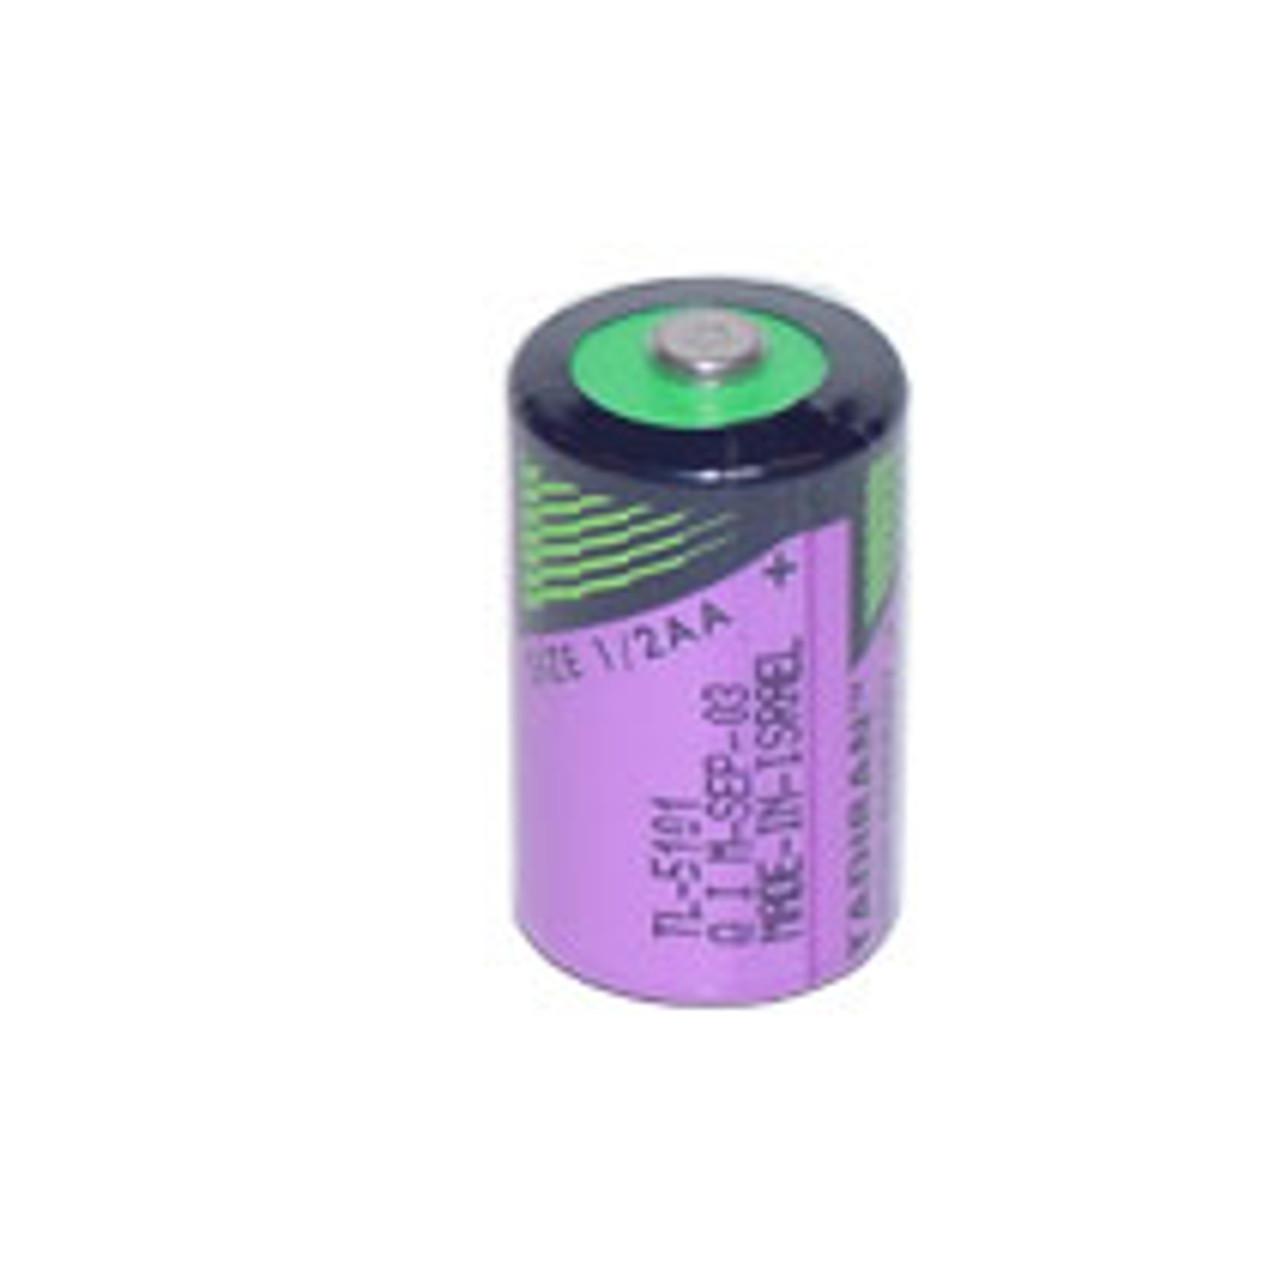 Saft LS14250BA, Tadiran TL-2150/S, Tadiran TL-5101/S, Xeno XL-050F